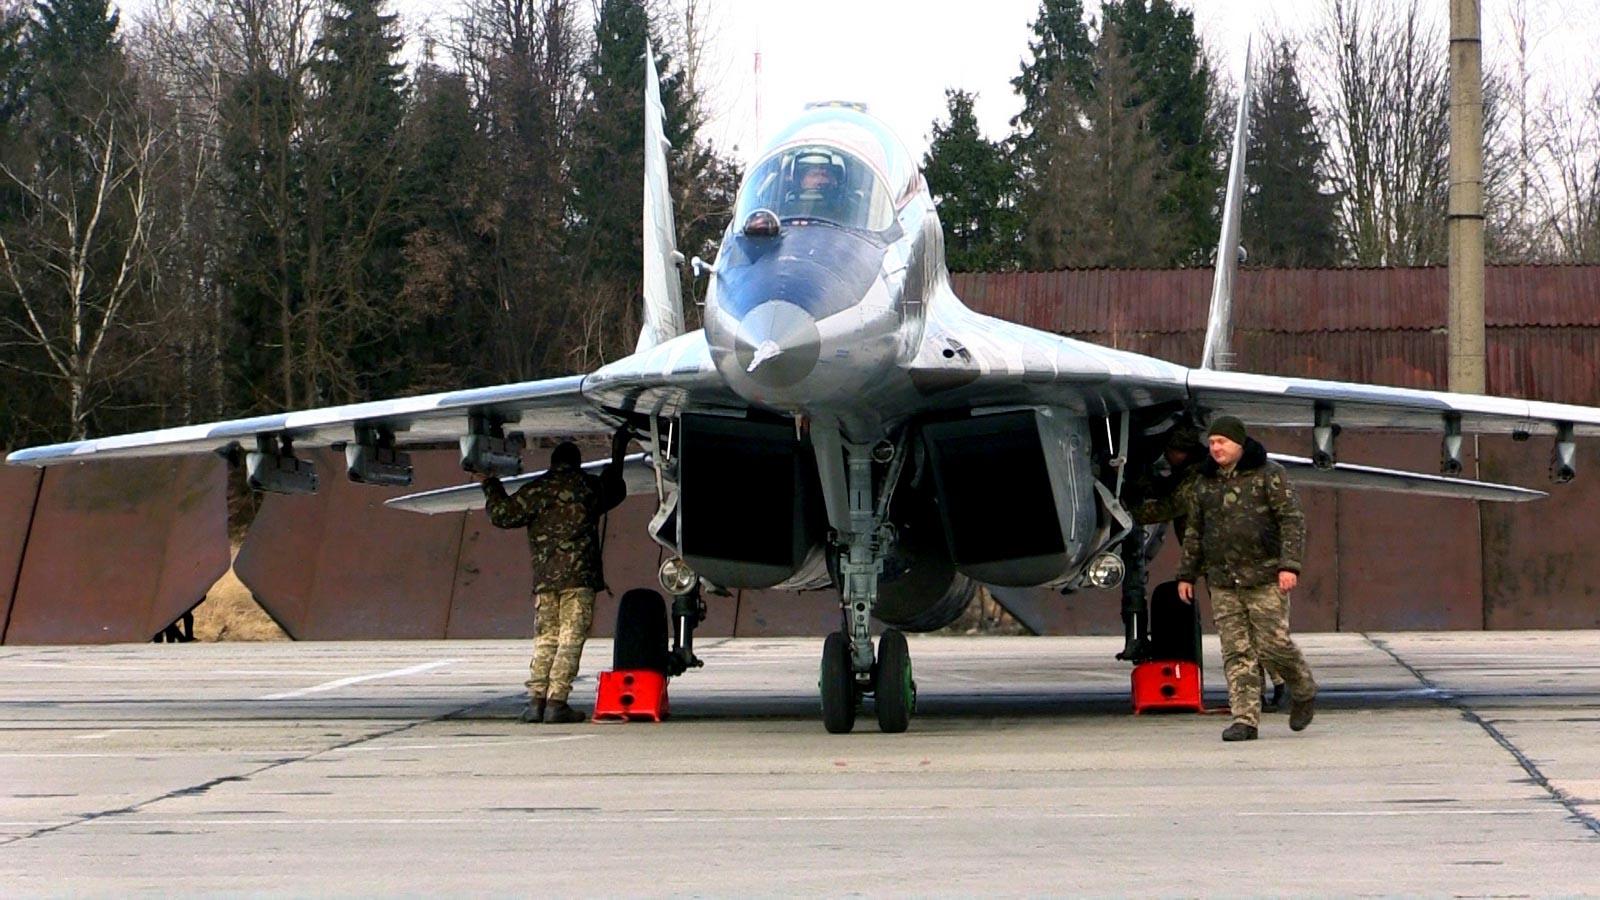 Франківські авіатори вчилися знищувати безпілотники (ФОТО)